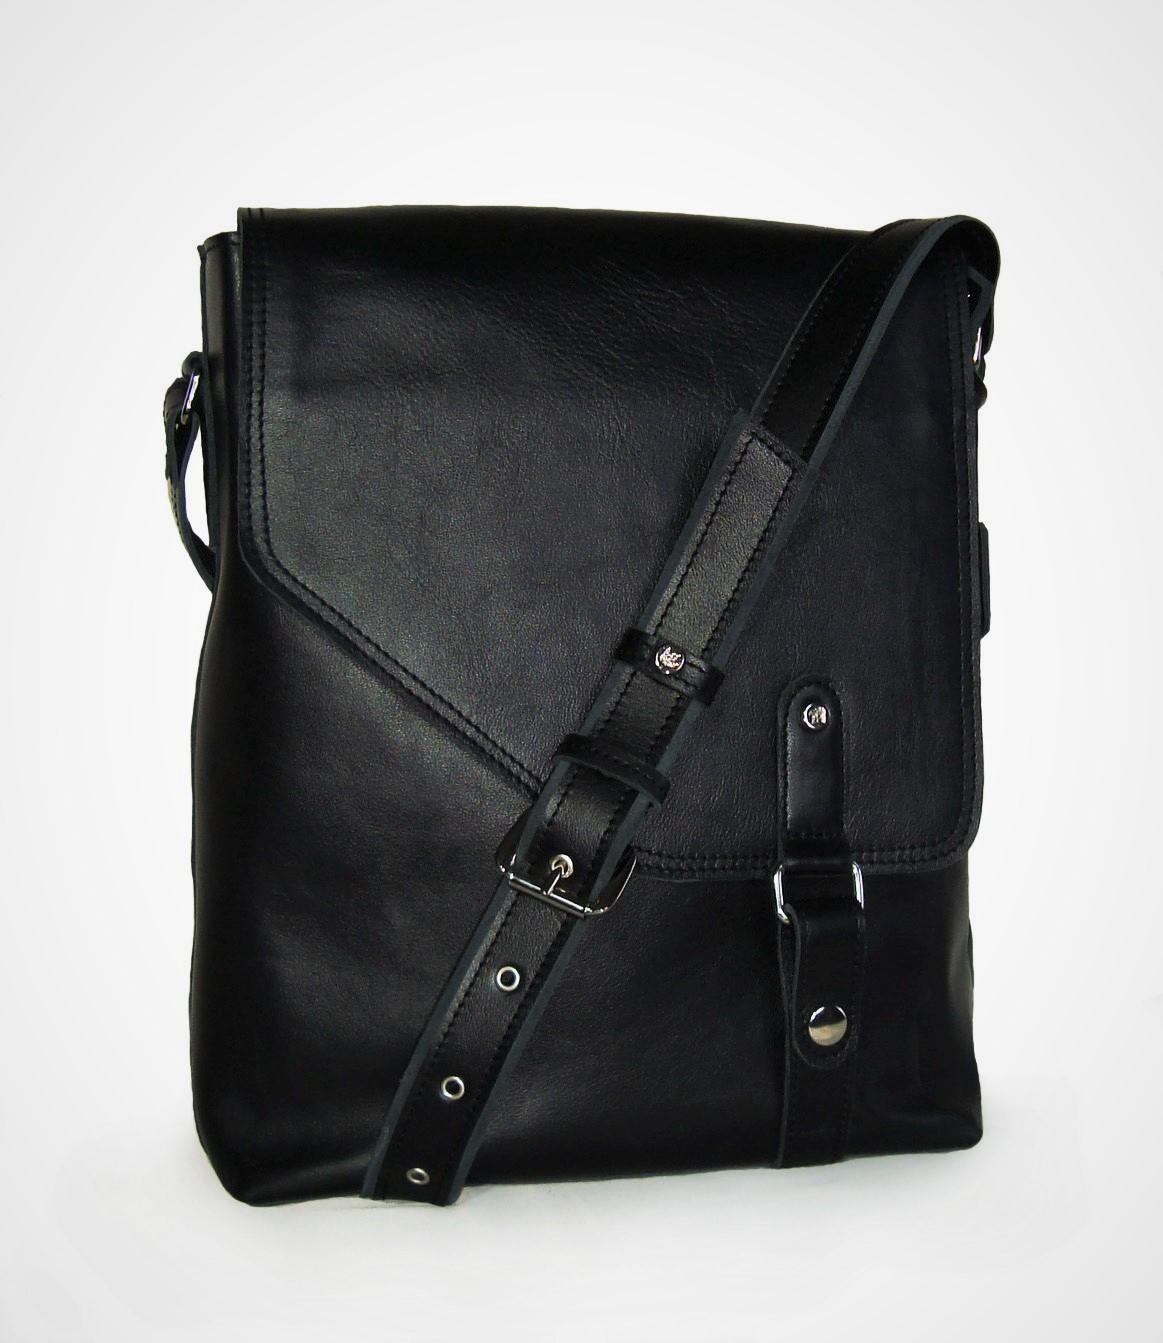 Сумка Модель №10Сумки и др. изделия из кожи<br>Высота сумки: 34 см <br>Ширина сумки: 27 см <br>Ширина дна: 8 см <br>Длинна ремня: 94-115 см <br>Ширина ремня: 3 см<br><br>Тип: Сумка<br>Размер: -<br>Материал: Натуральная кожа